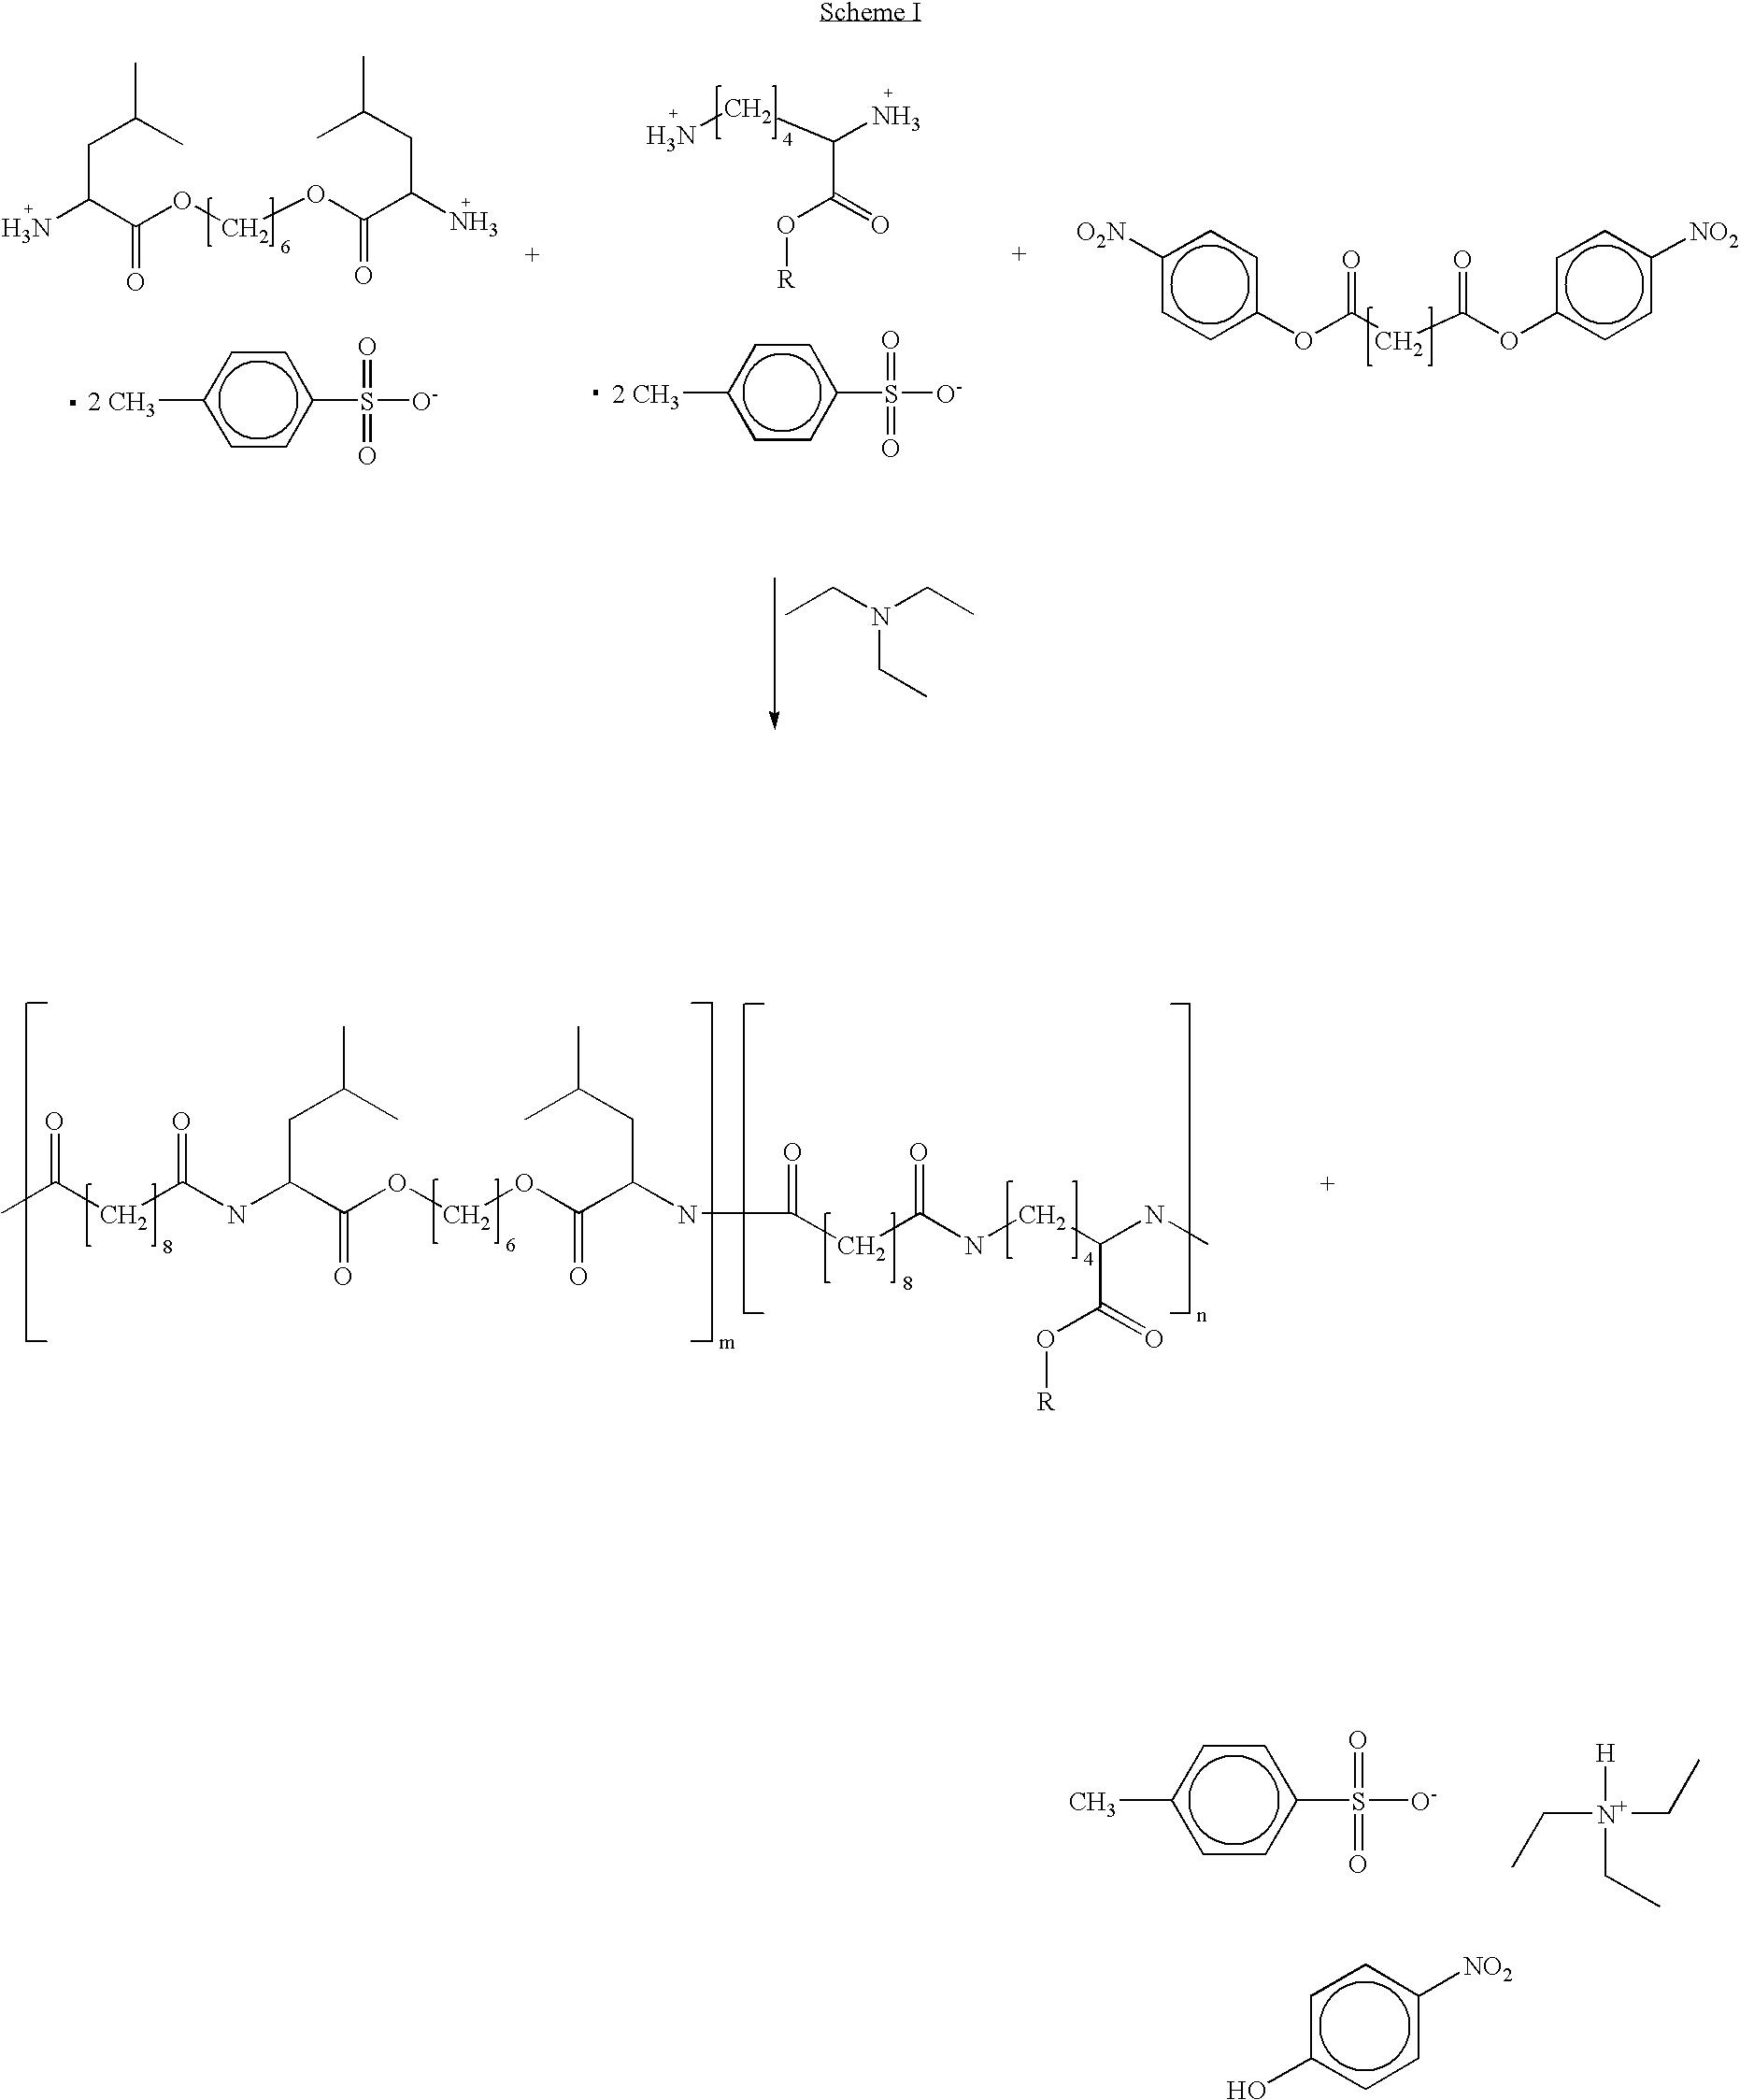 polyethylene phase diagram ford alternator diode testing patent us7910152 poly ester amide based drug delivery